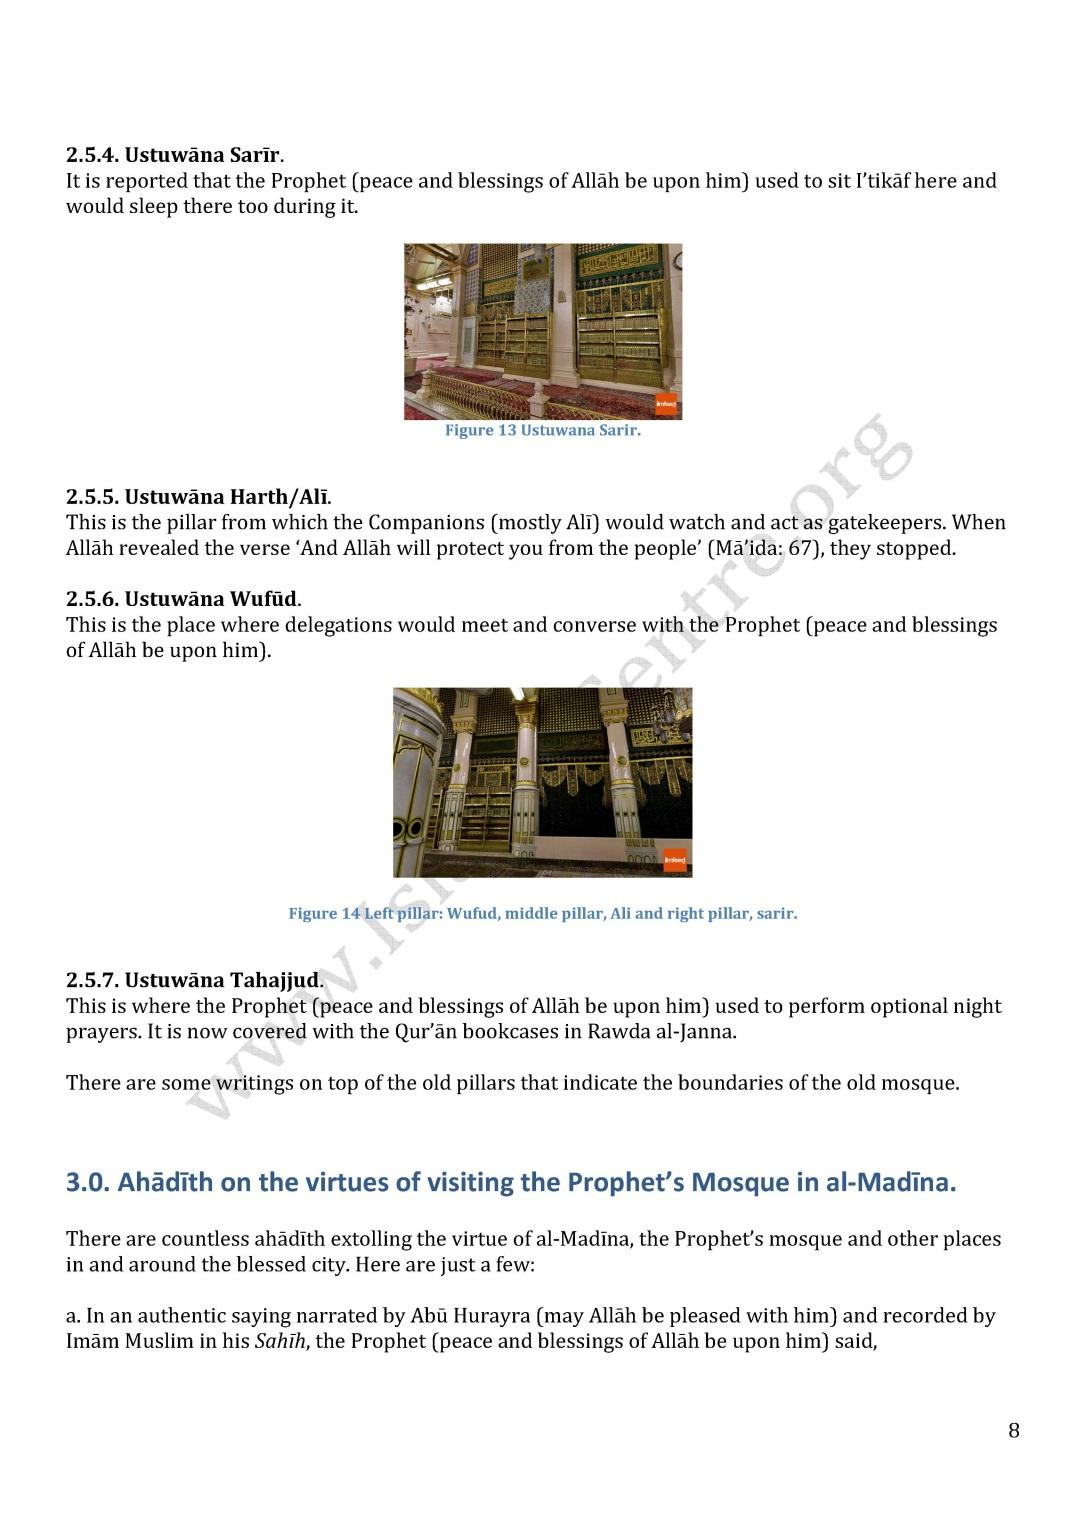 HistoryofMasjidNabawi_Page_08